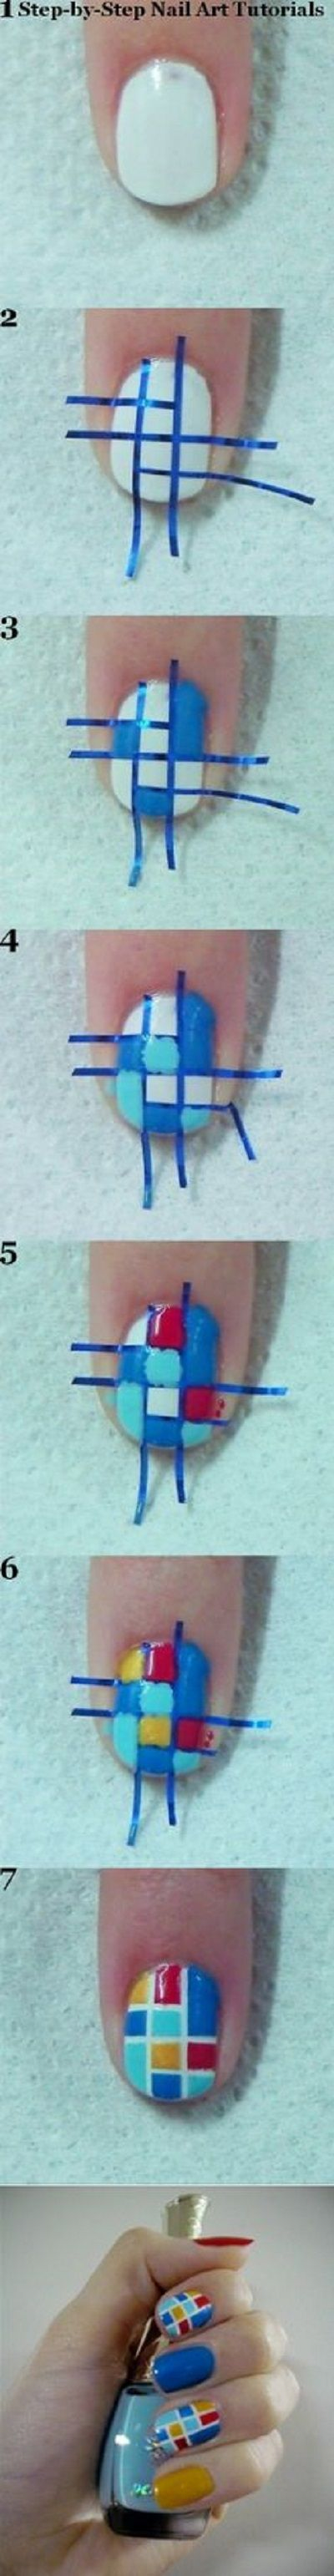 Bonitas uñas con cuadrados de colores - http://xn--decorandouas-jhb.com/bonitas-unas-con-cuadrados-de-colores/